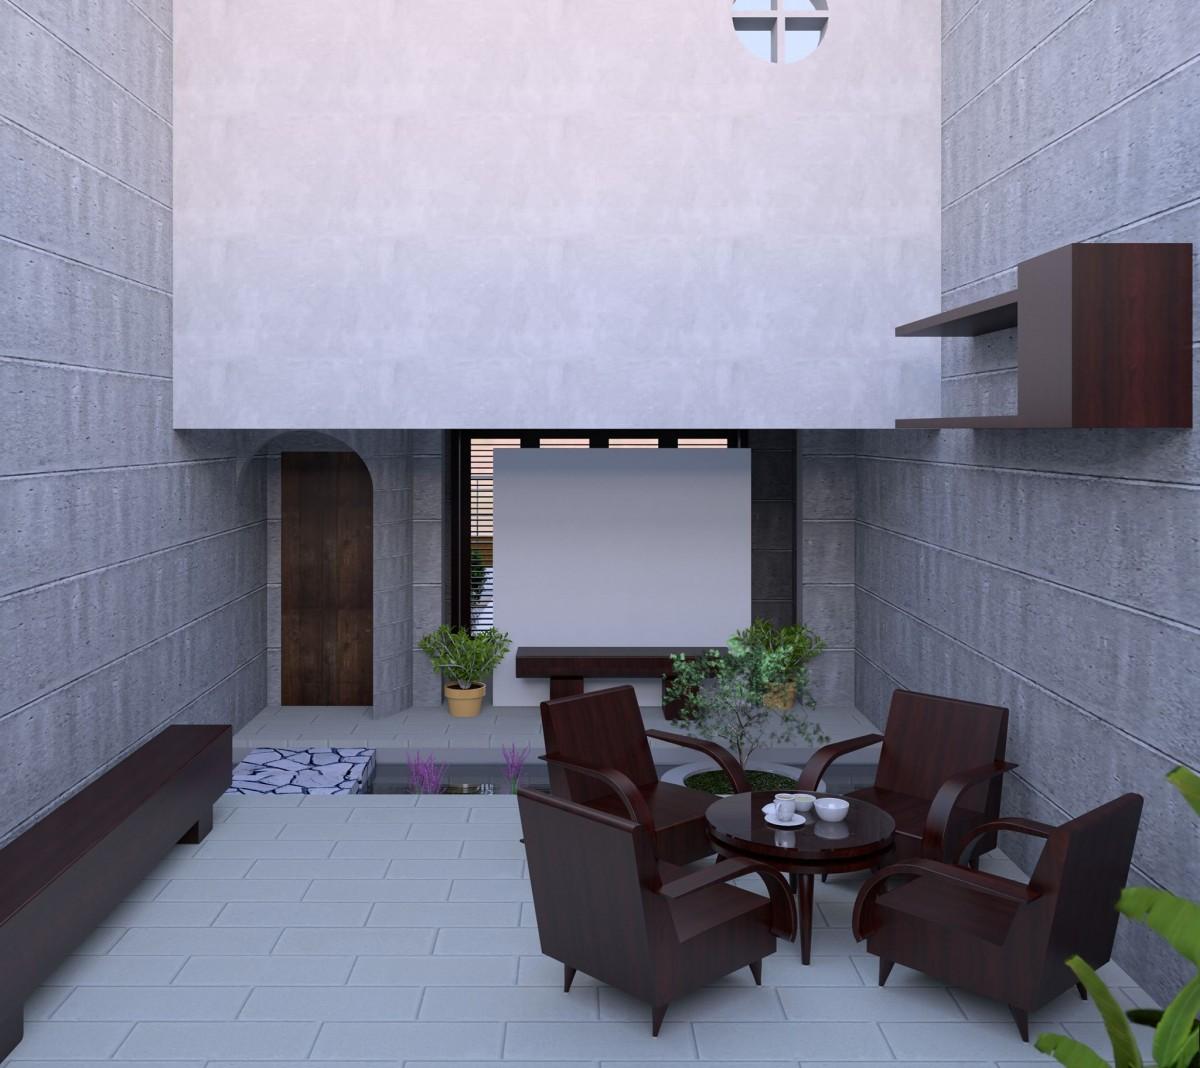 Gambar : Arsitektur, vila, rumah, lantai, bangunan, dinding, pemandangan, penglihatan, milik ...